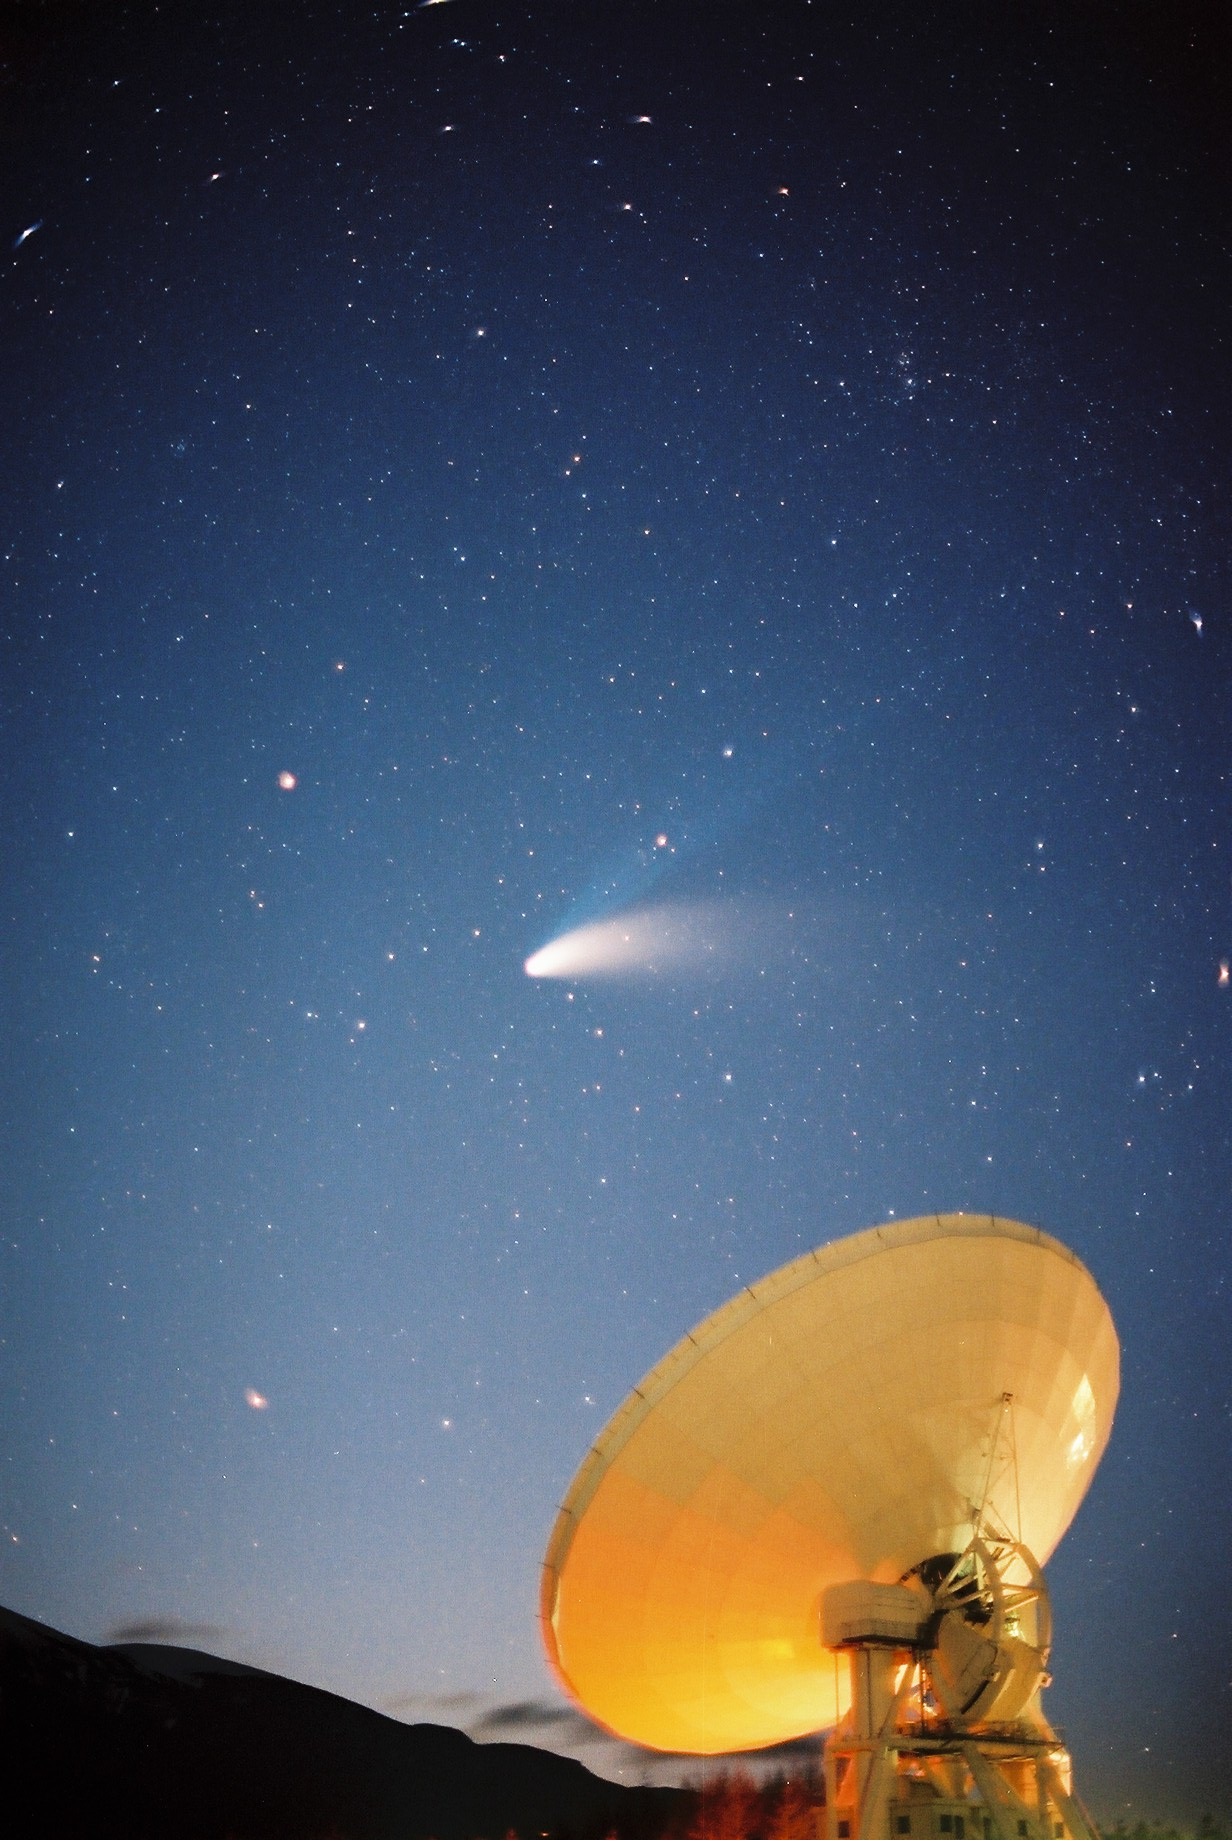 ヘール・ボップ彗星を追う45m電波望遠鏡 写真提供:国立天文台